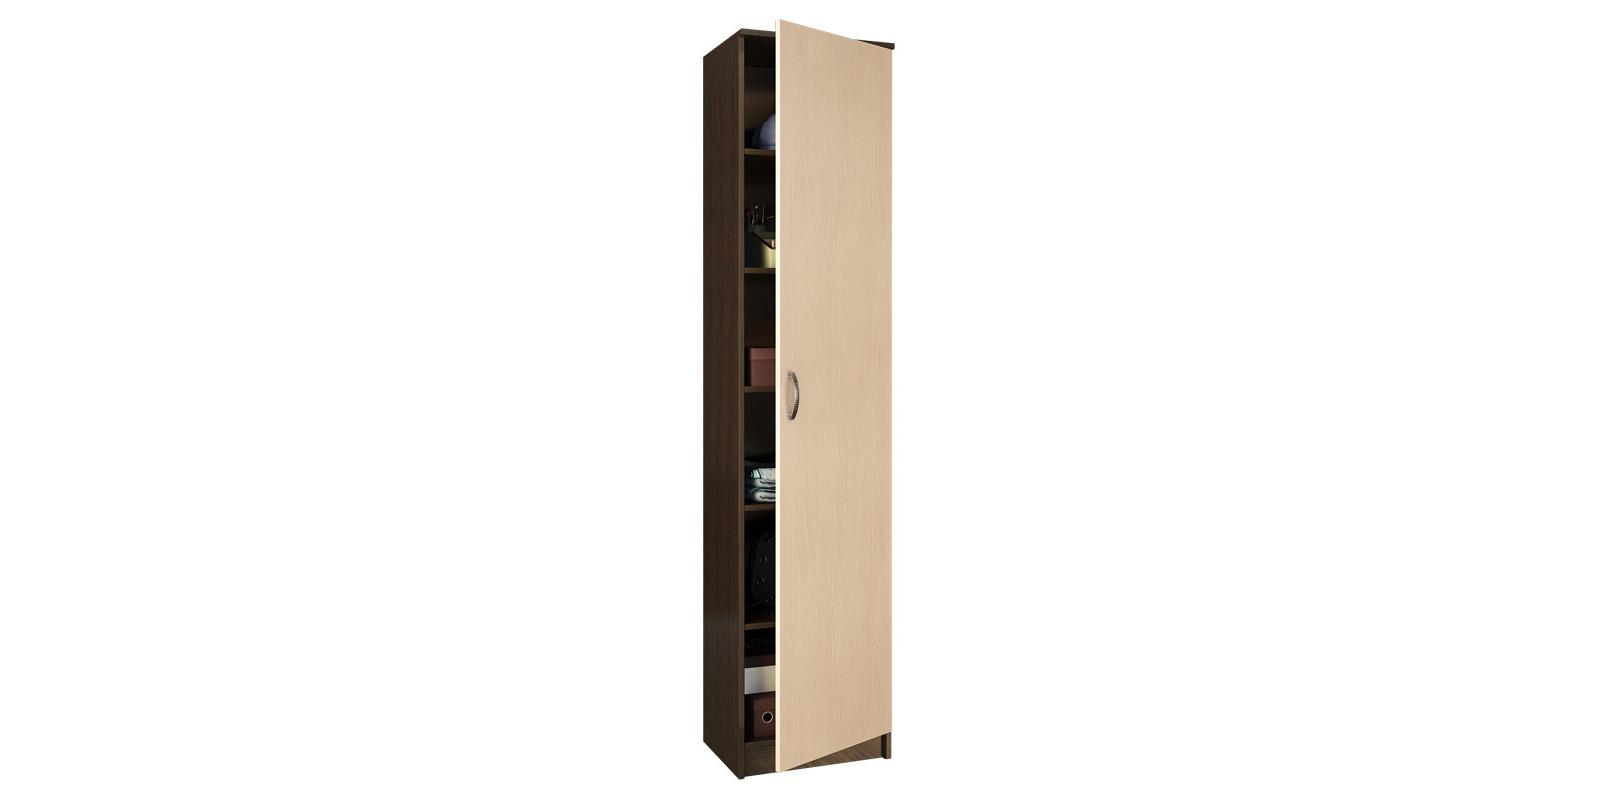 Шкаф распашной однодверный Хельга вариант №1 (венге/дуб молочный)